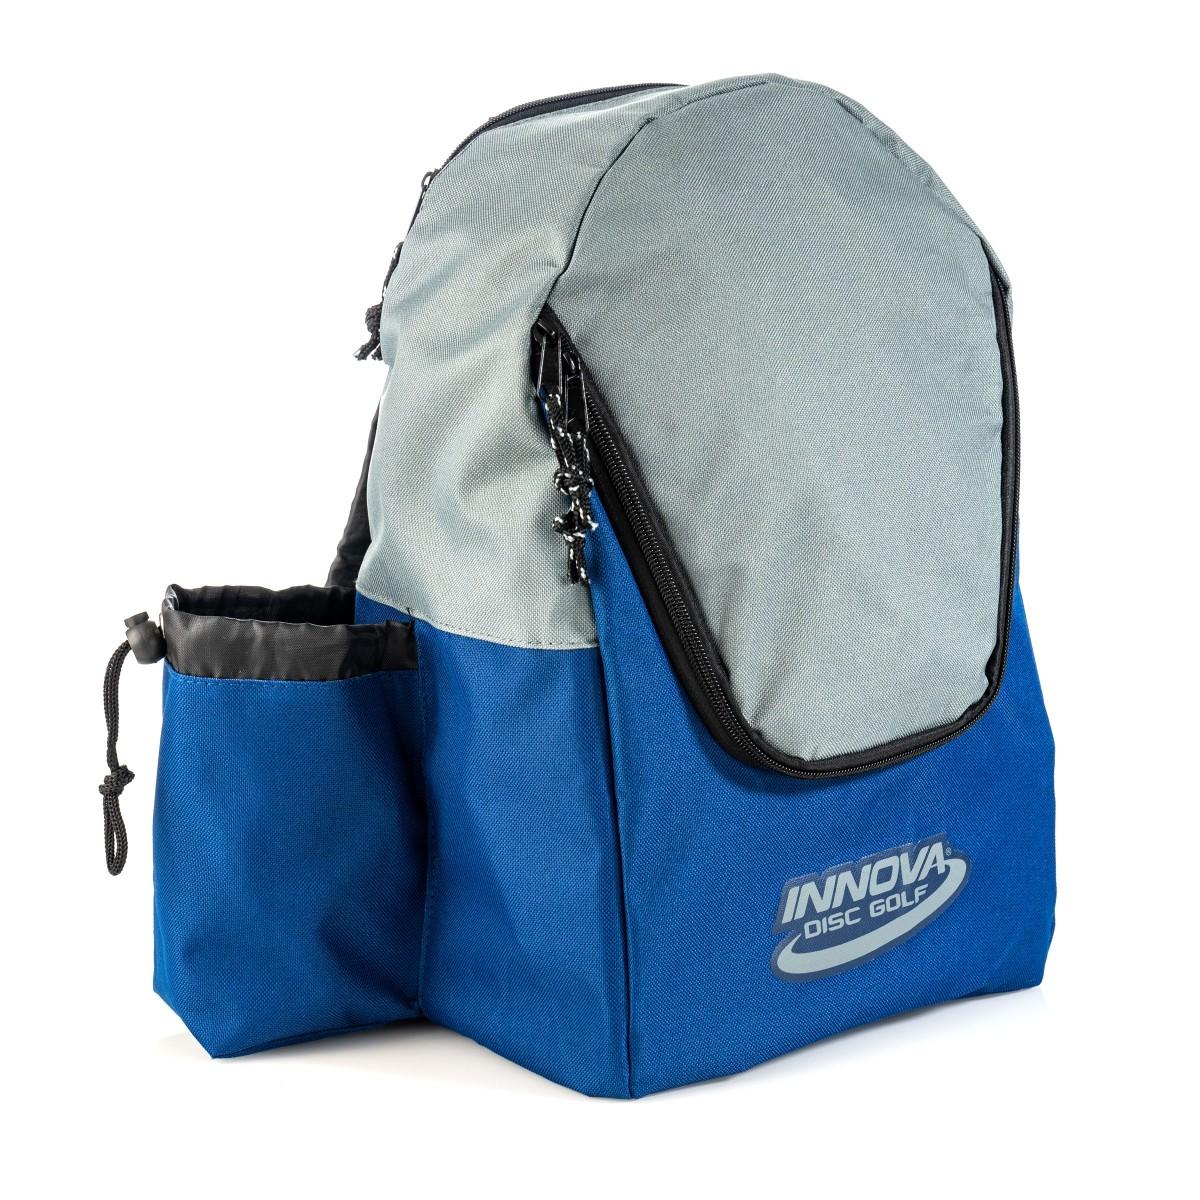 Innova Discover Pack -Blue/Grey